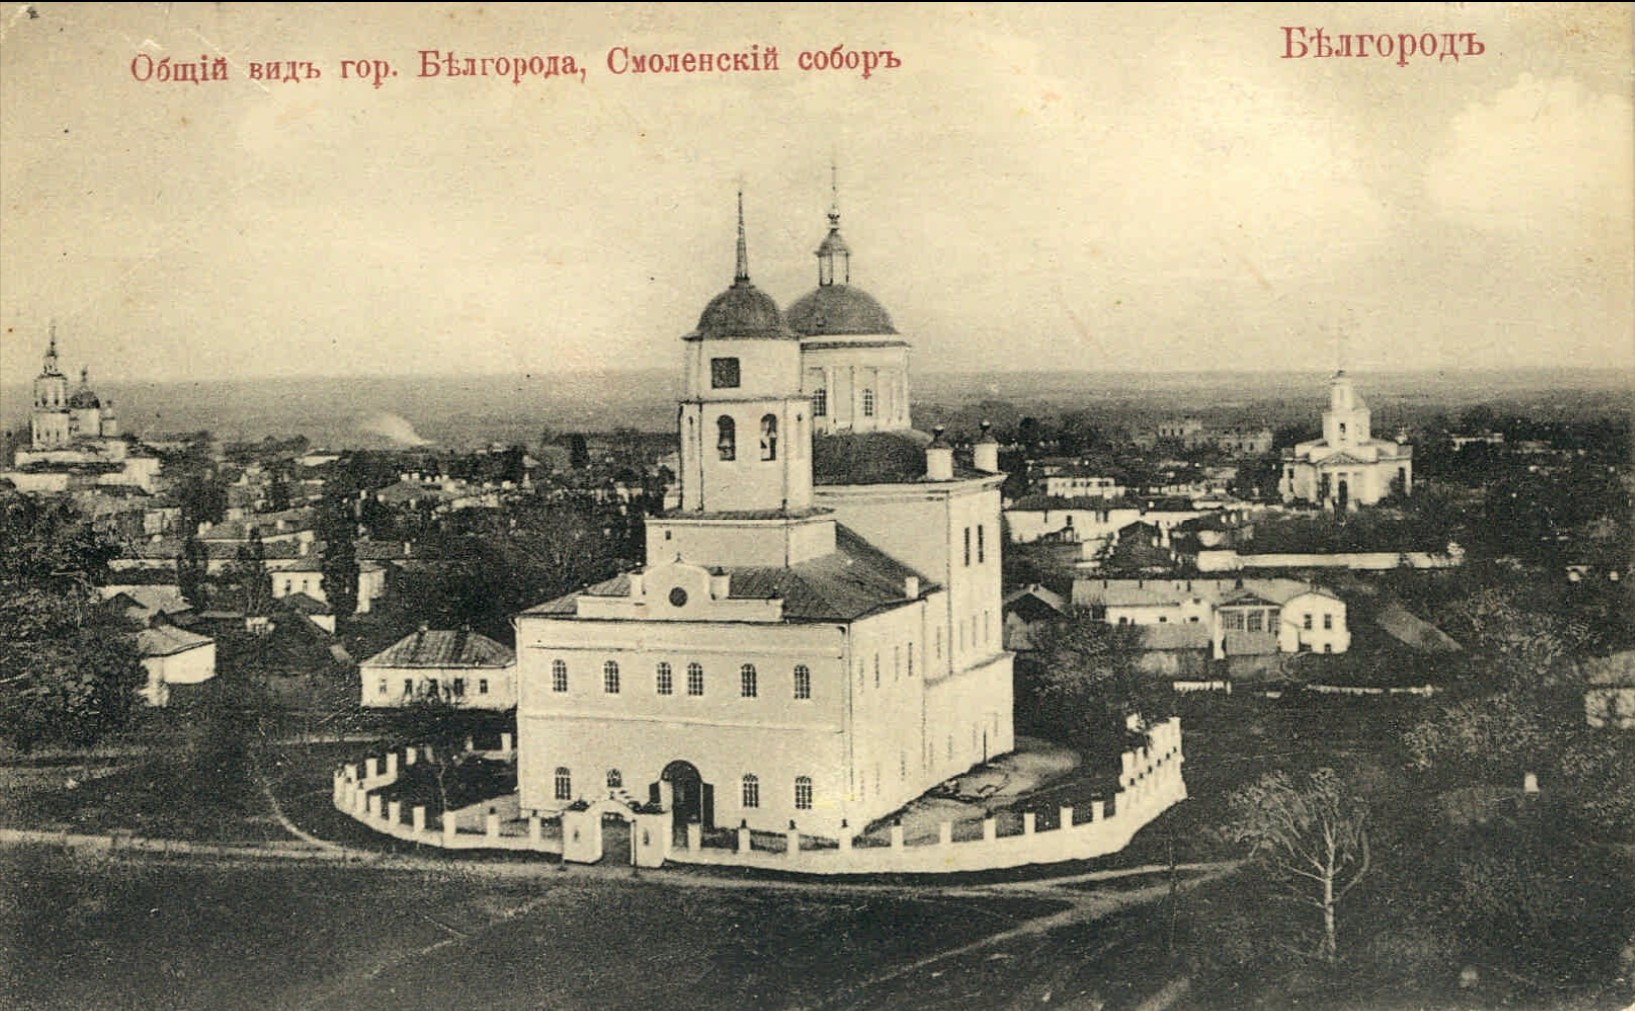 Общий вид гор. Белгорода. Смоленский собор